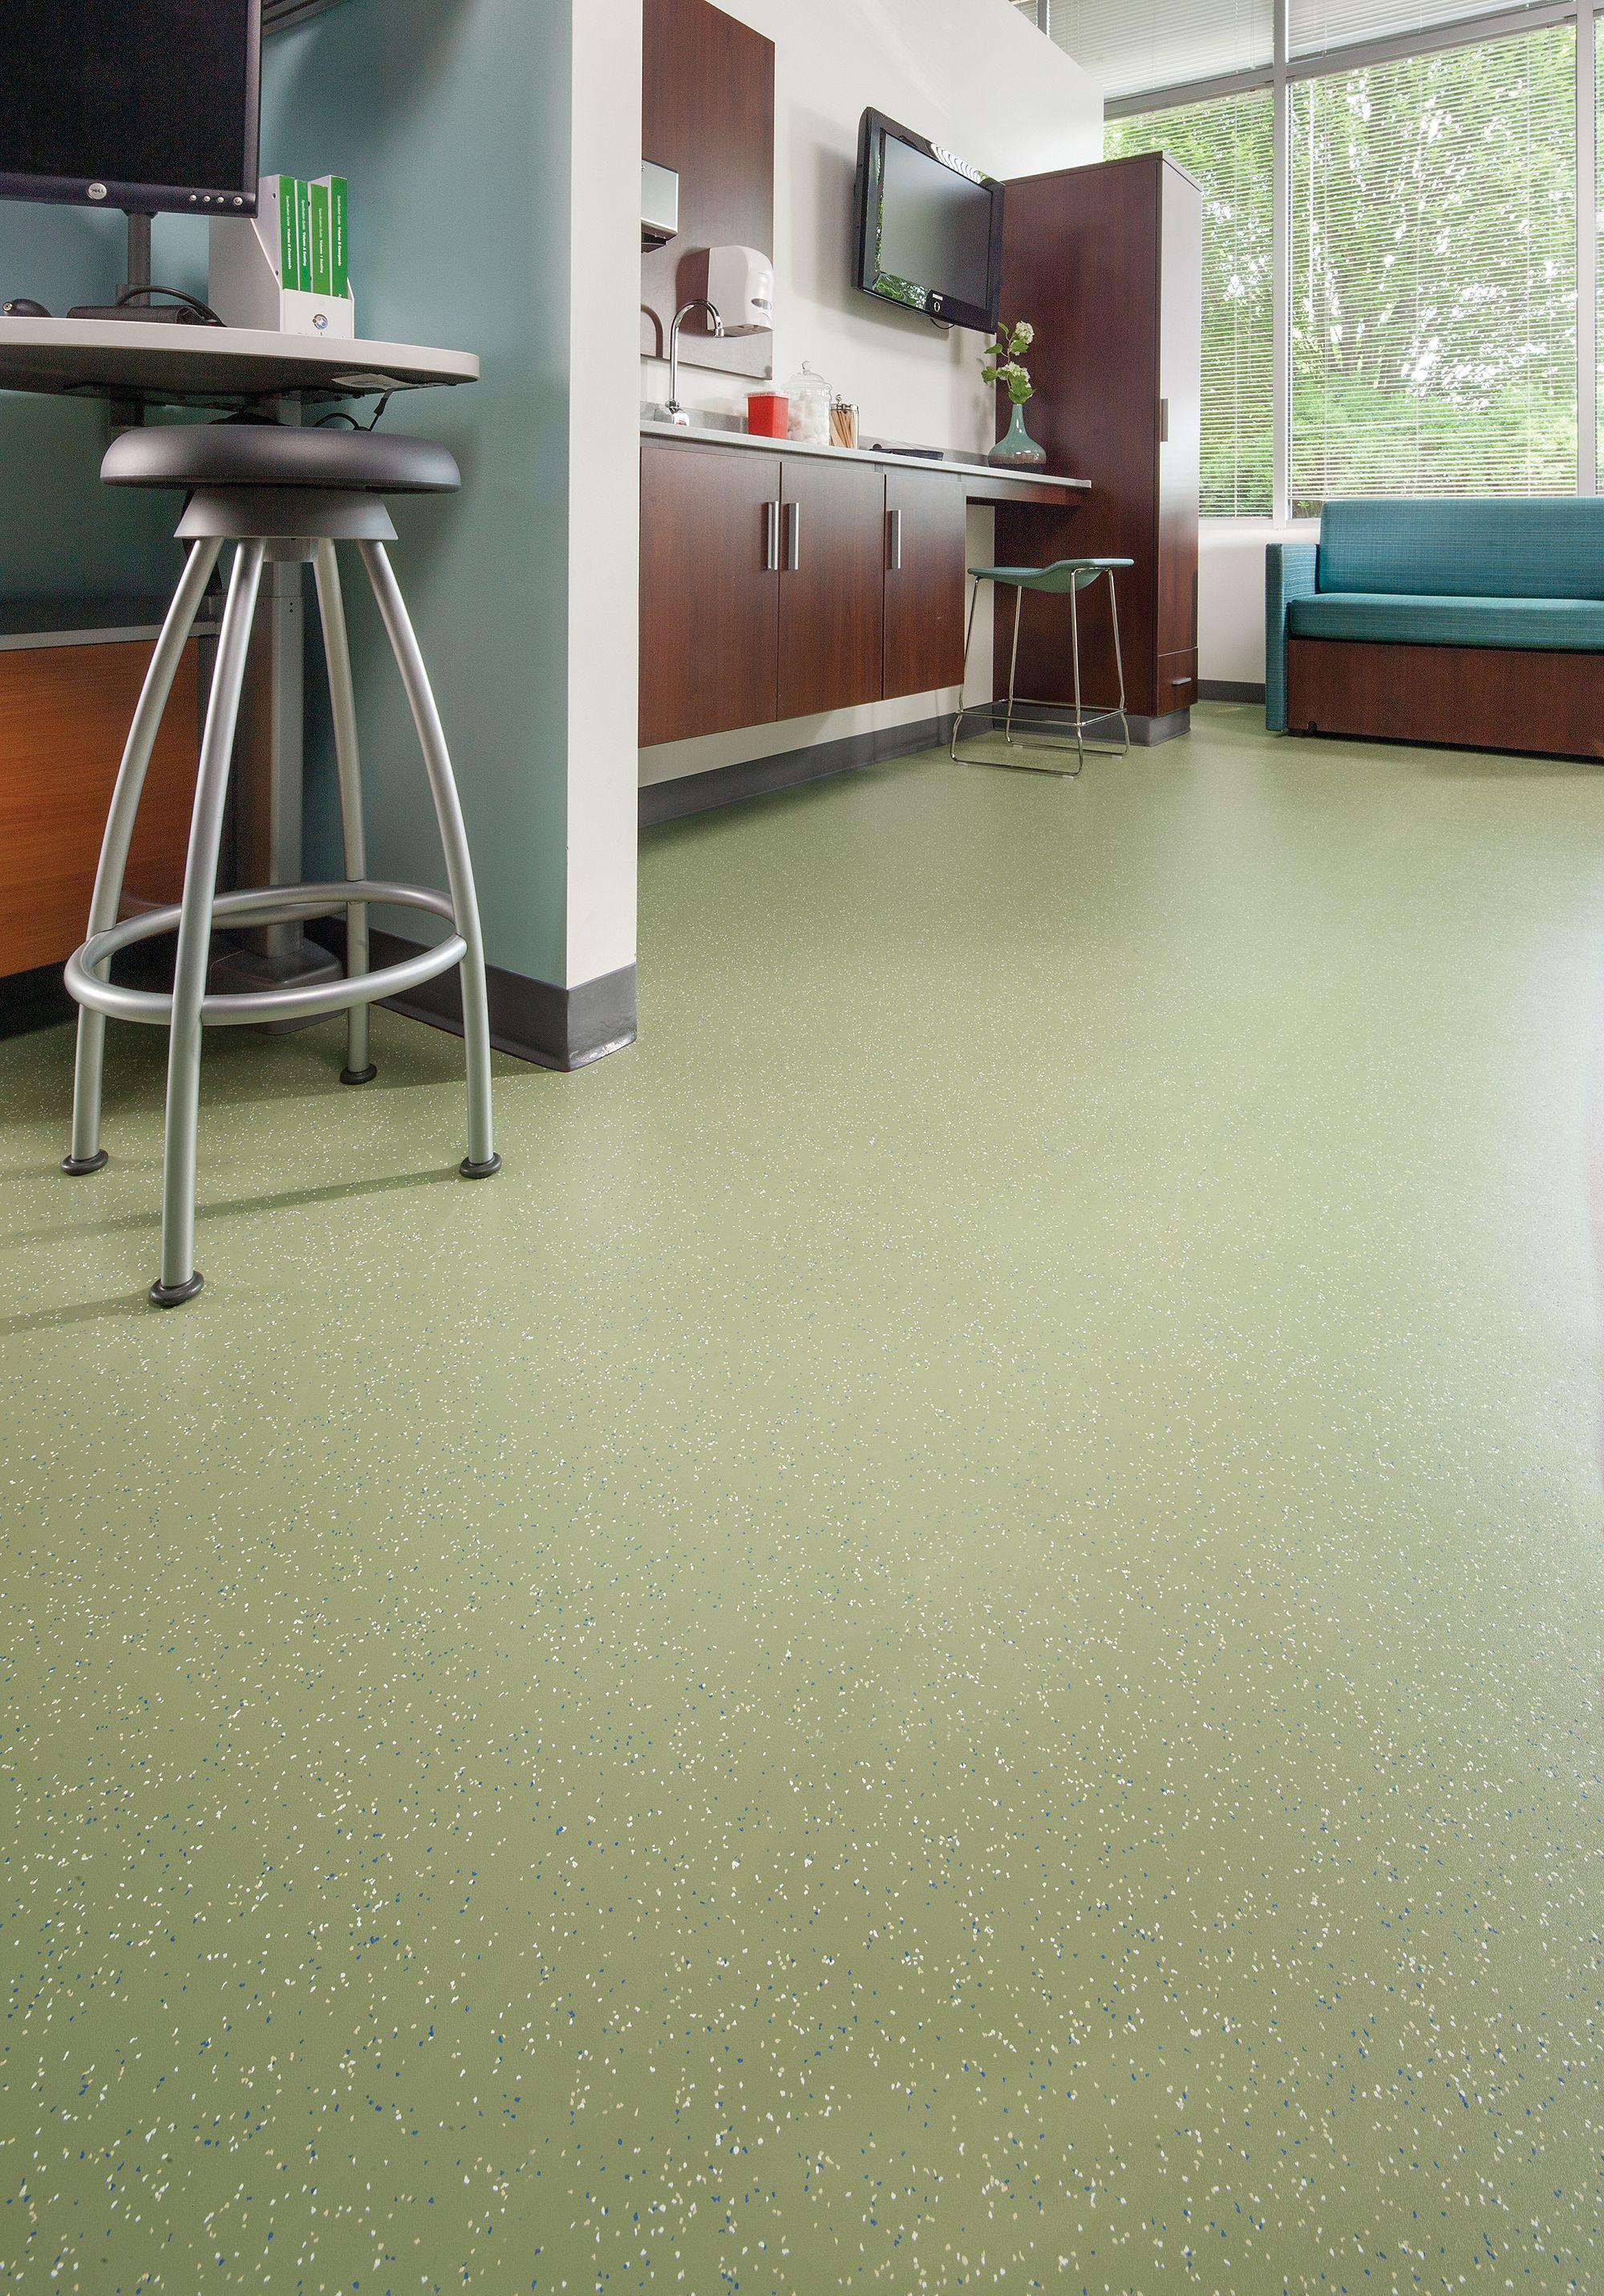 Rubber flooring true medi flex tile pebble mohawk group photo still 1 ppazfo